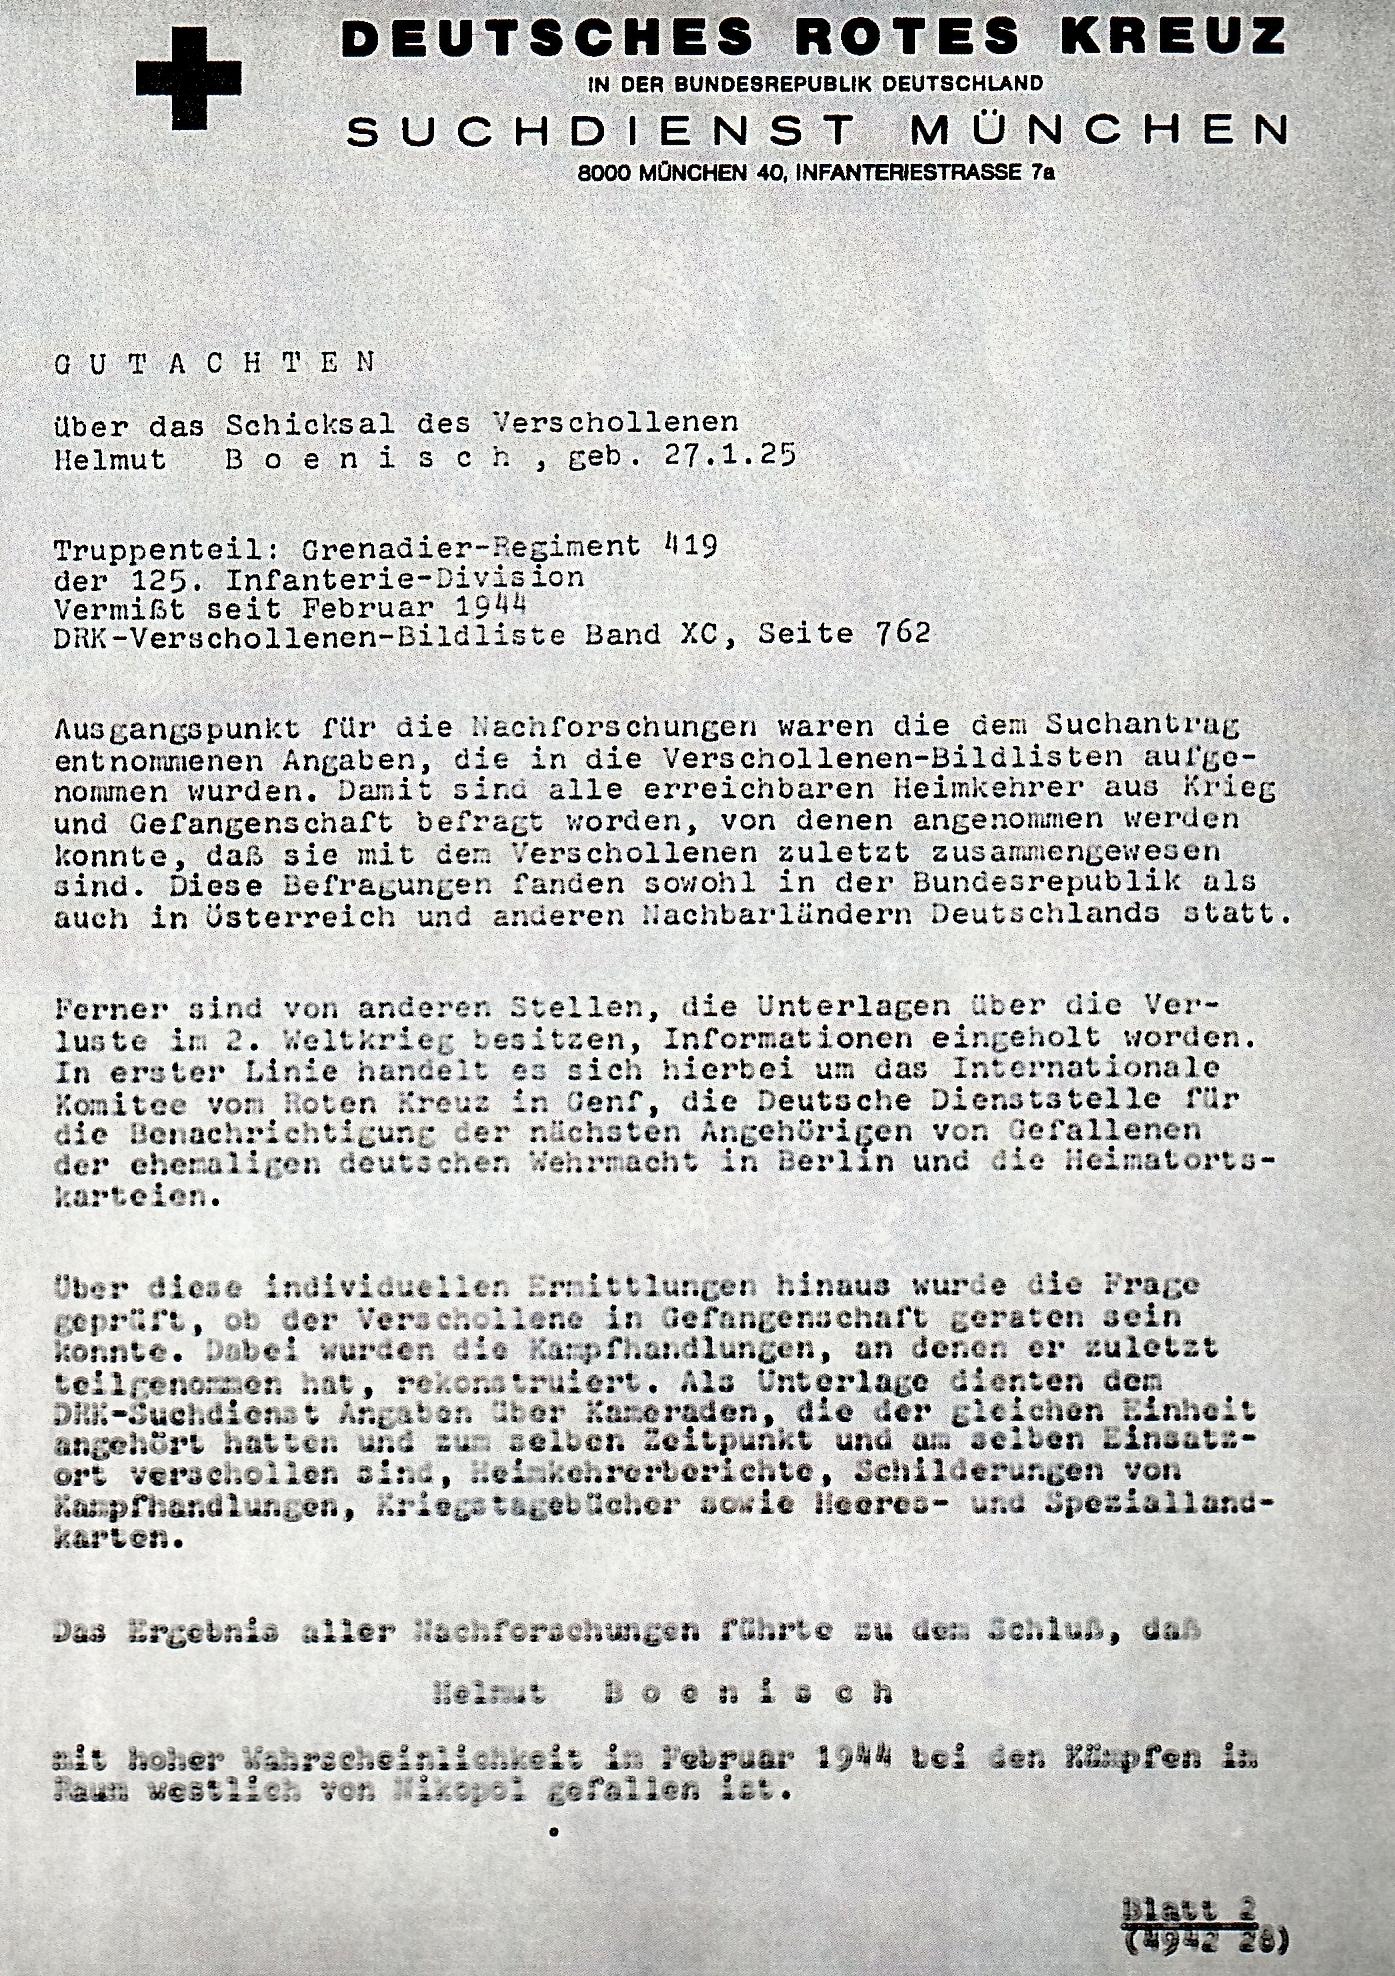 Boenisch_Helmut_0004